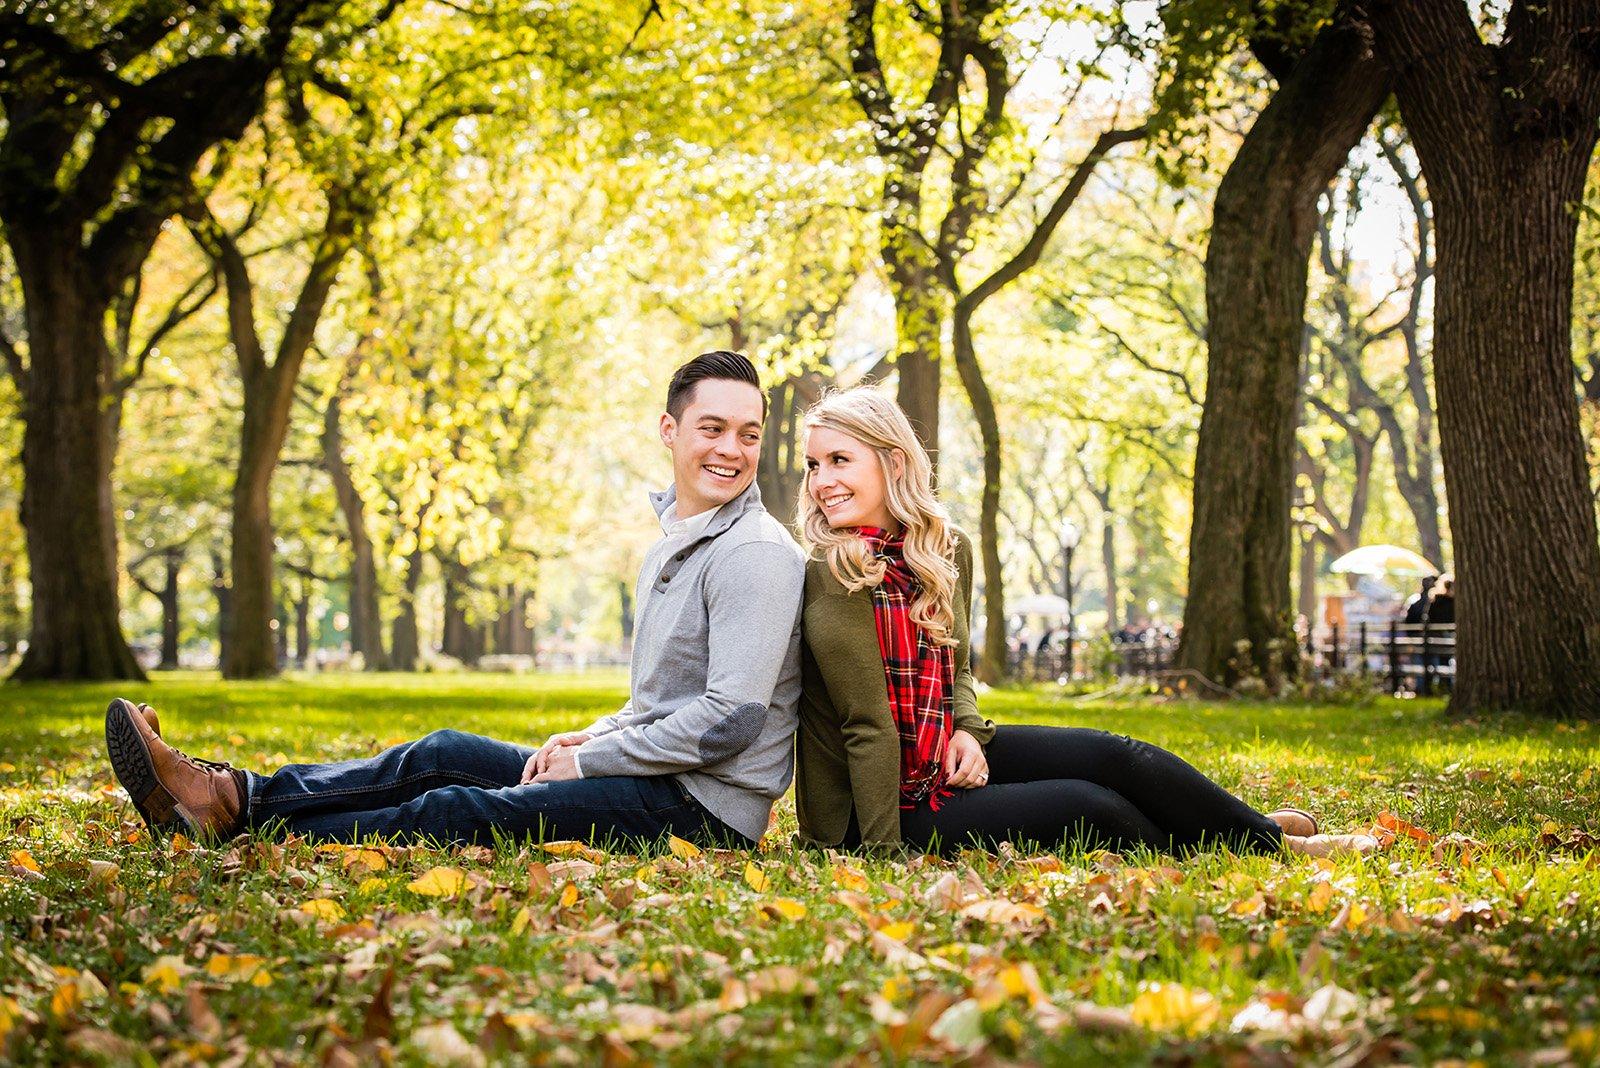 Best-Engagement-Photographer-Central-Park ENGAGEMENTS